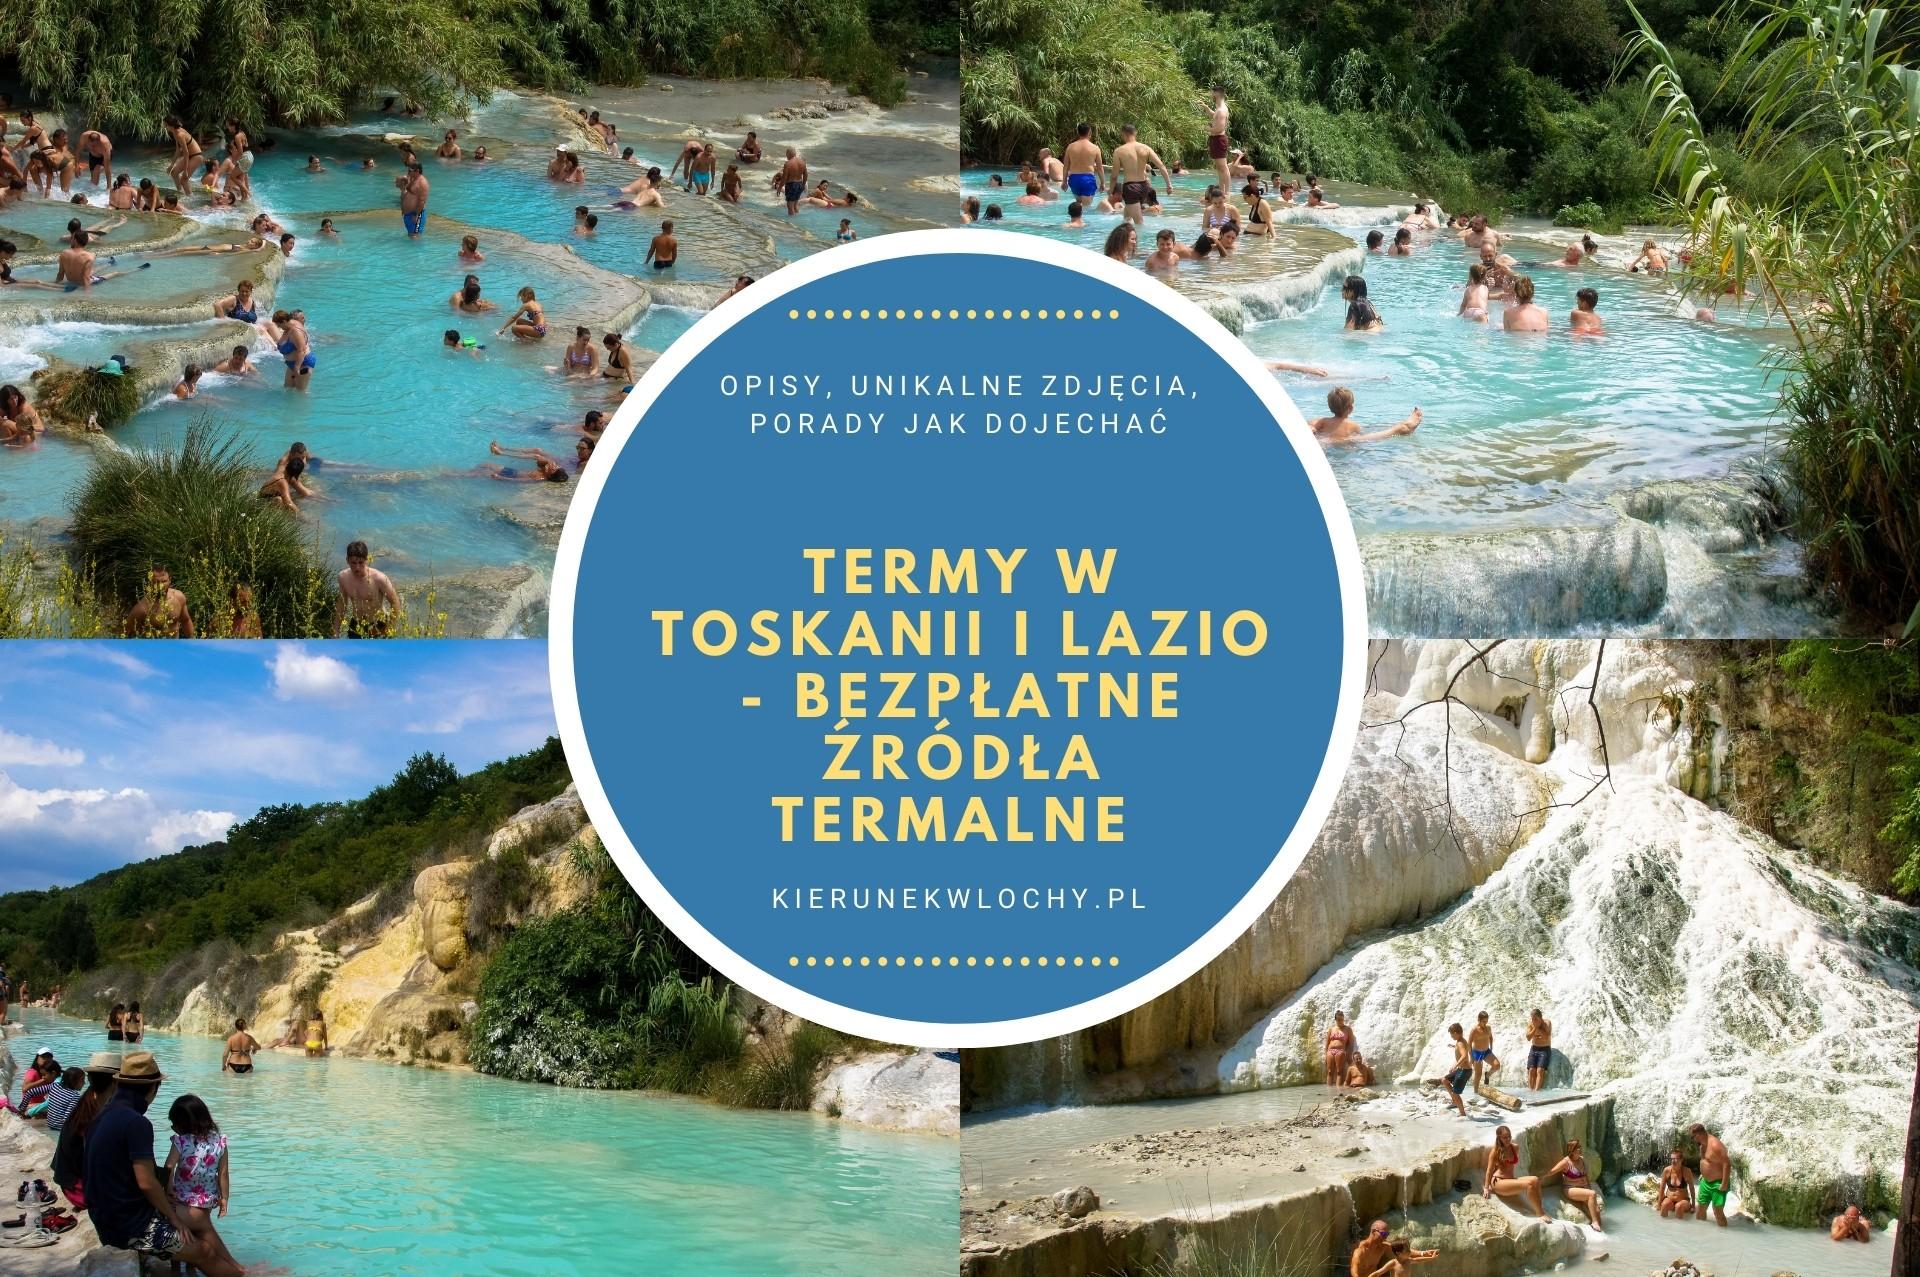 Termy w Toskanii - 5 darmowych źródeł termalnych - lista, opis, jak dojechać?